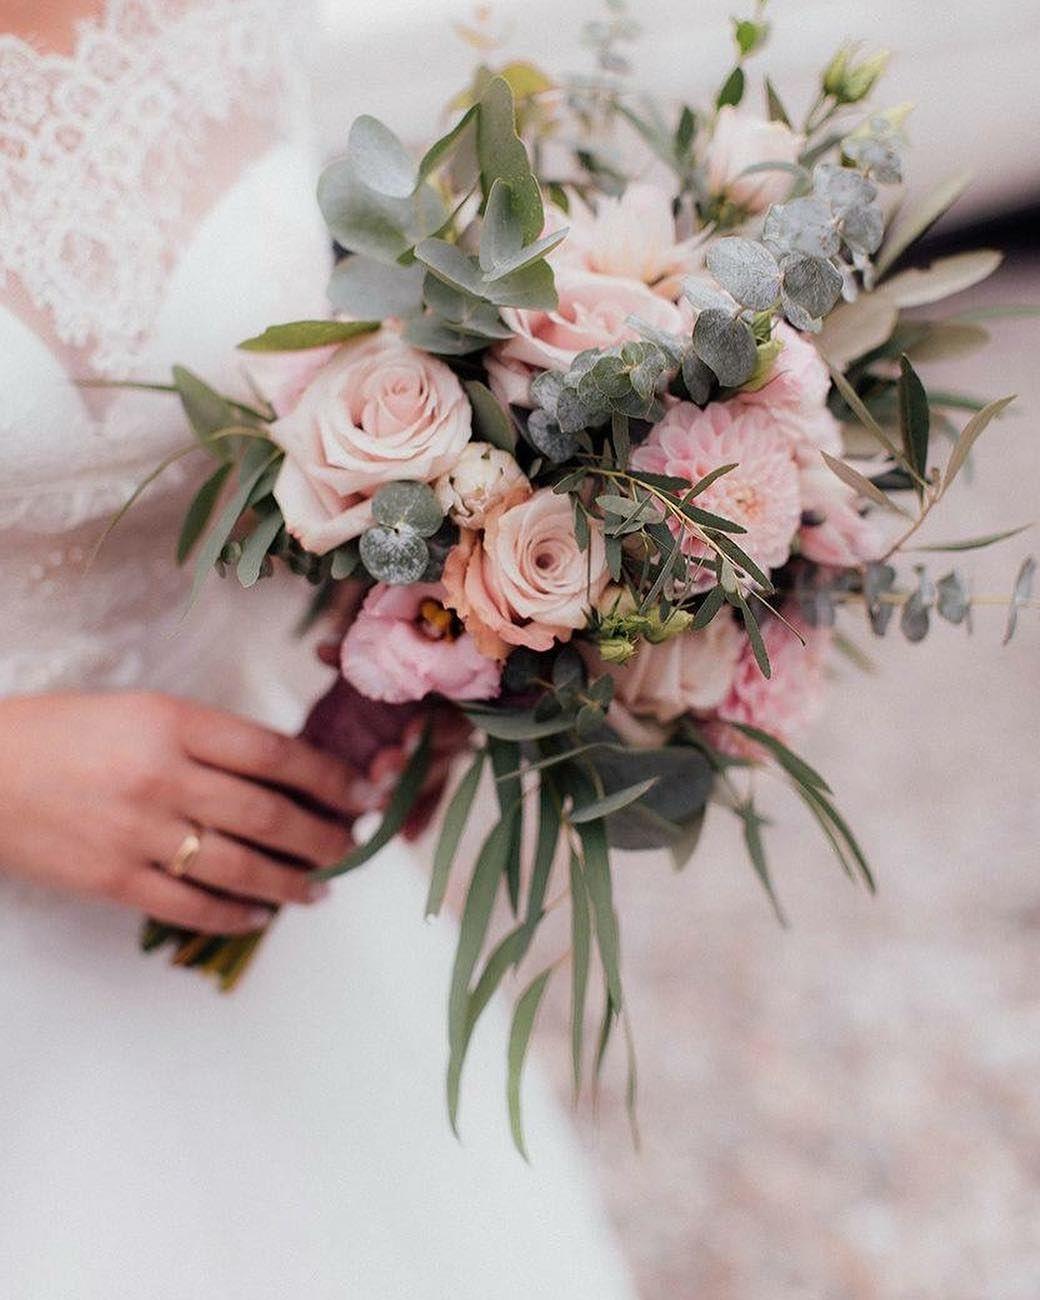 Blumenstil Schwabhausen On Instagram Brautstrauss Hochzeit Hochzeitsfloristik Hochzeitsinspiration Blu Instagram Eucalyptus Wedding Floral